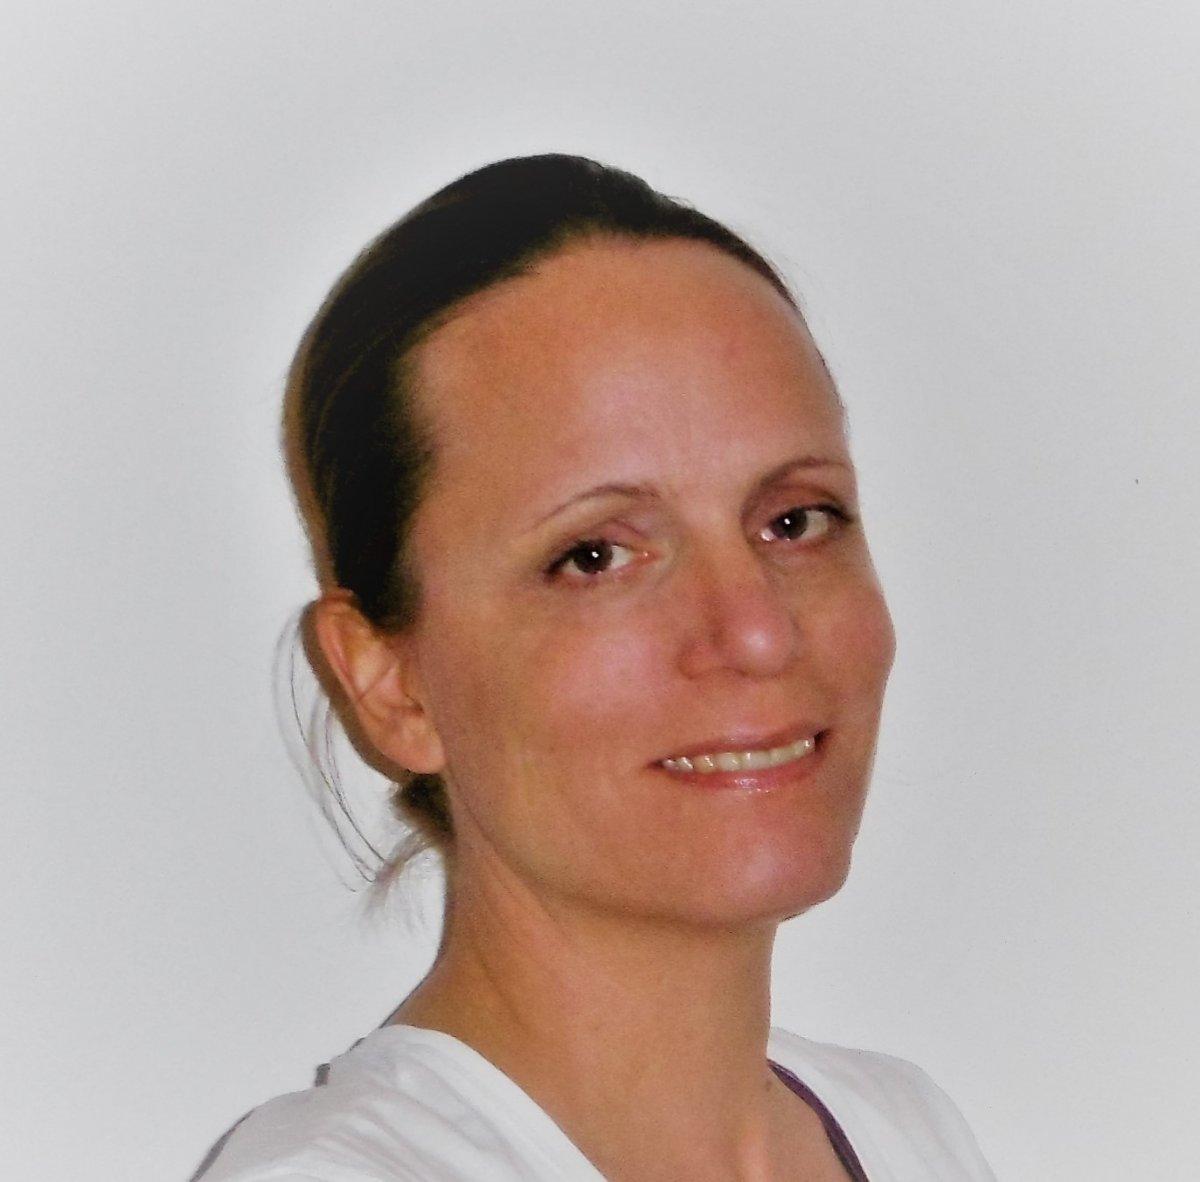 Das Portraitfoto zeigt Ilka Zintl-Liebelt aus Schandorf. Sie hat braune Haare, welche sie im Zopf trägt.